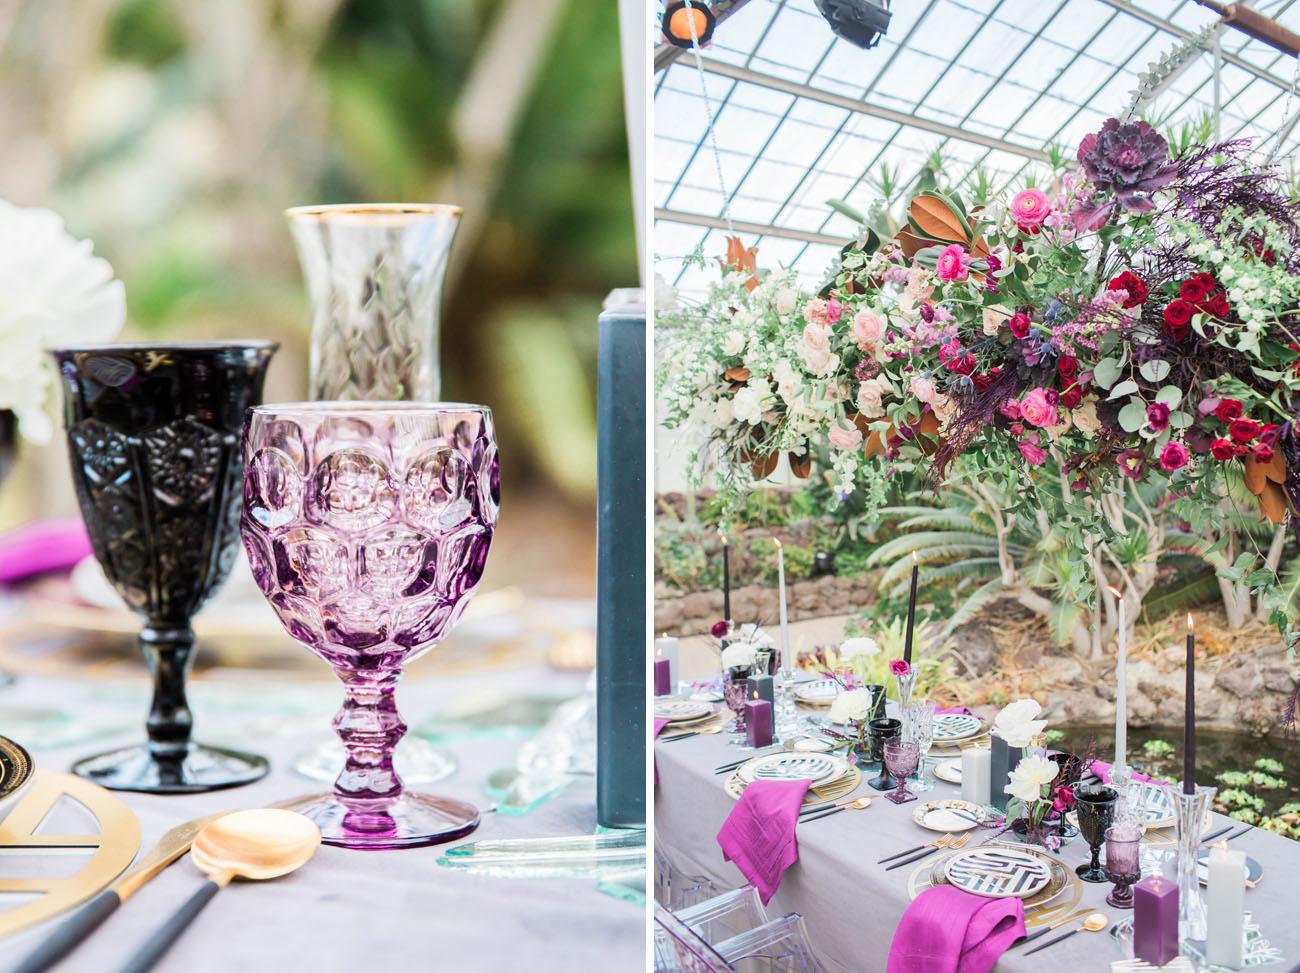 purple colored glassware